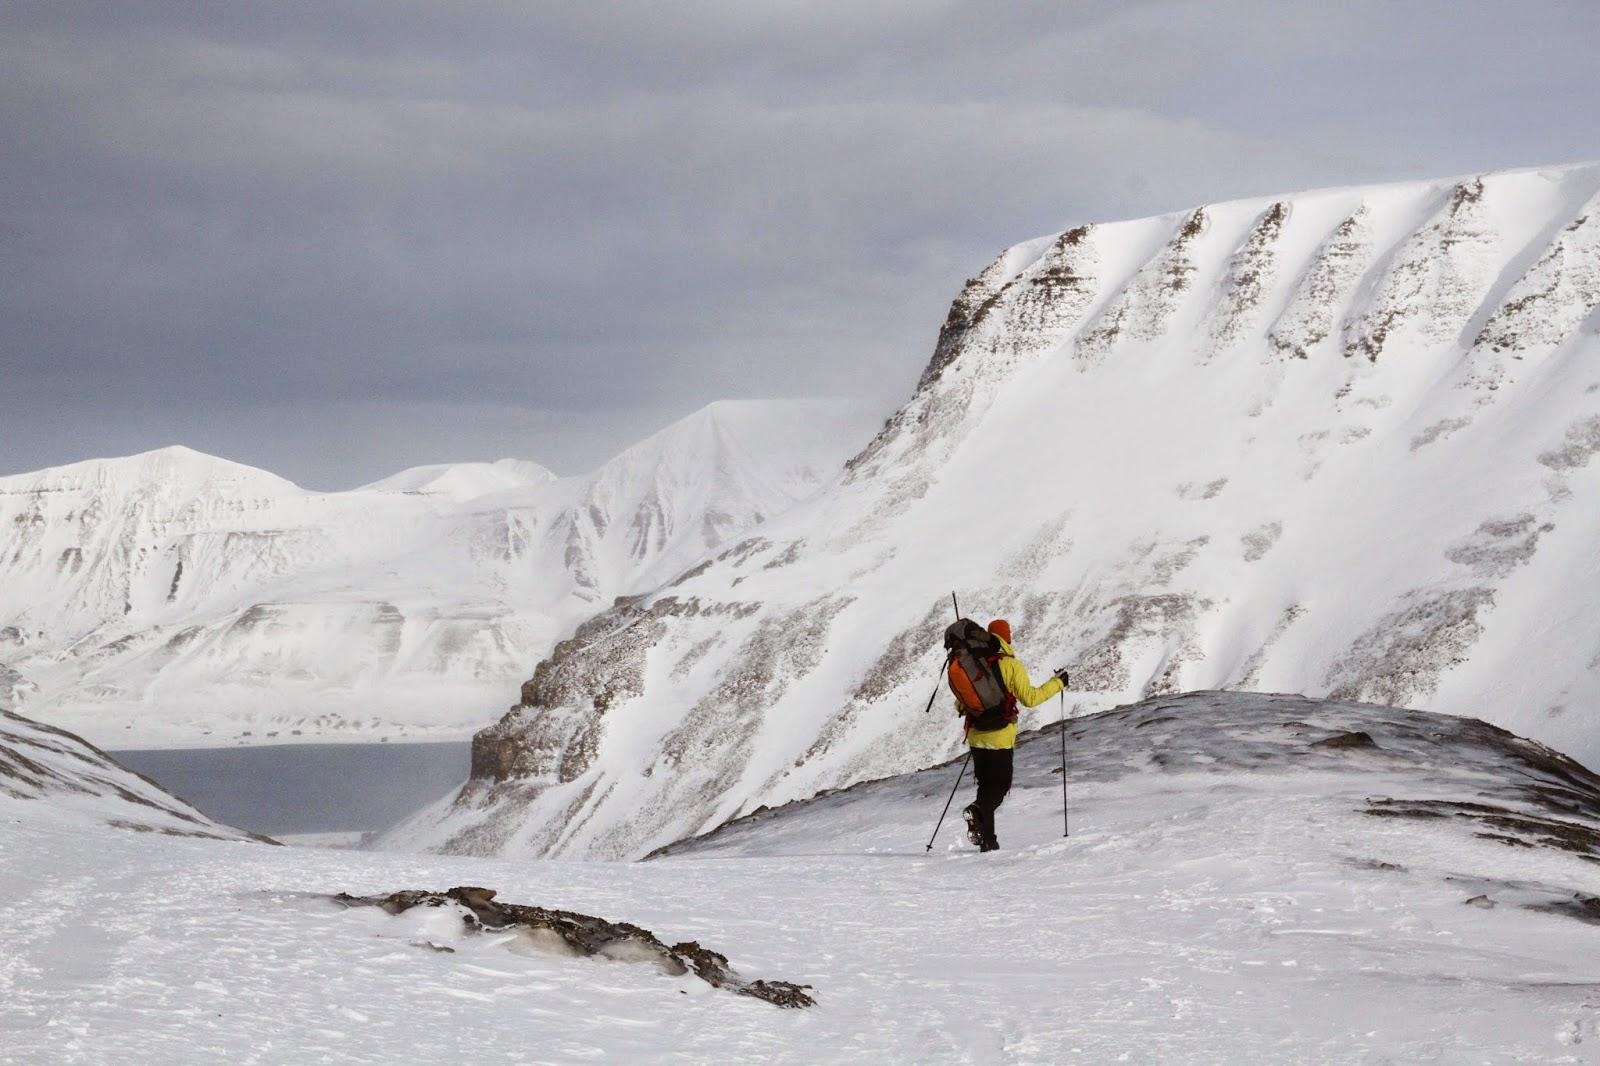 TRILHOS INVERNAIS e viagem ao interior do glaciar Lars em Svalbard | Noruega